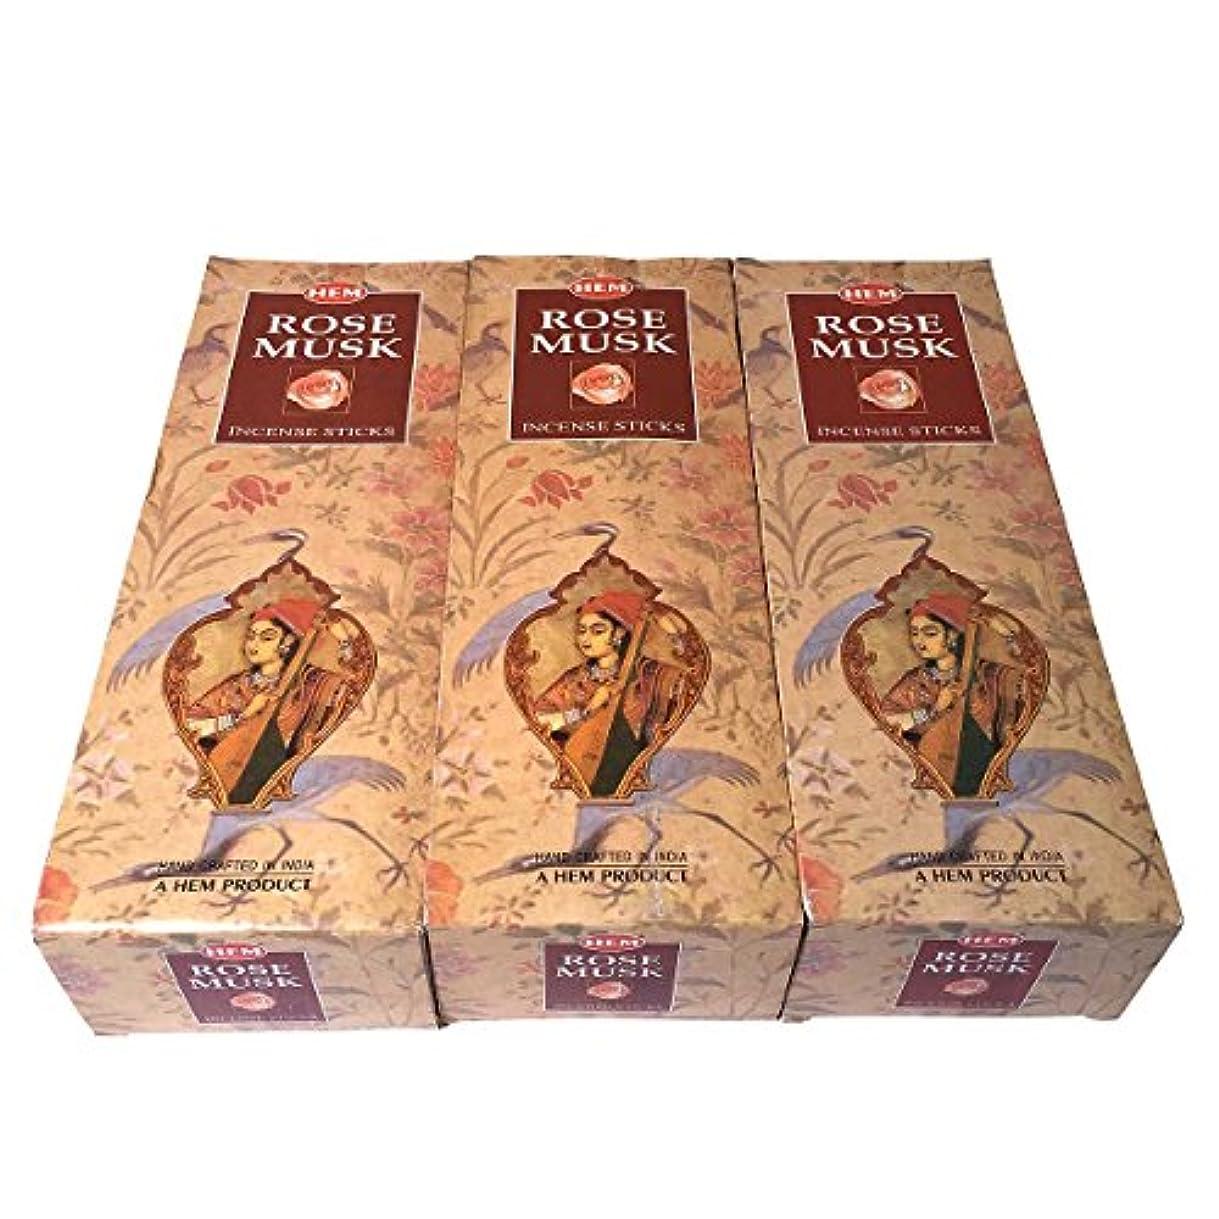 むしろ抱擁いつもローズムスク香スティック 3BOX(18箱) /HEM ROSE MUSK/インセンス/インド香 お香 [並行輸入品]